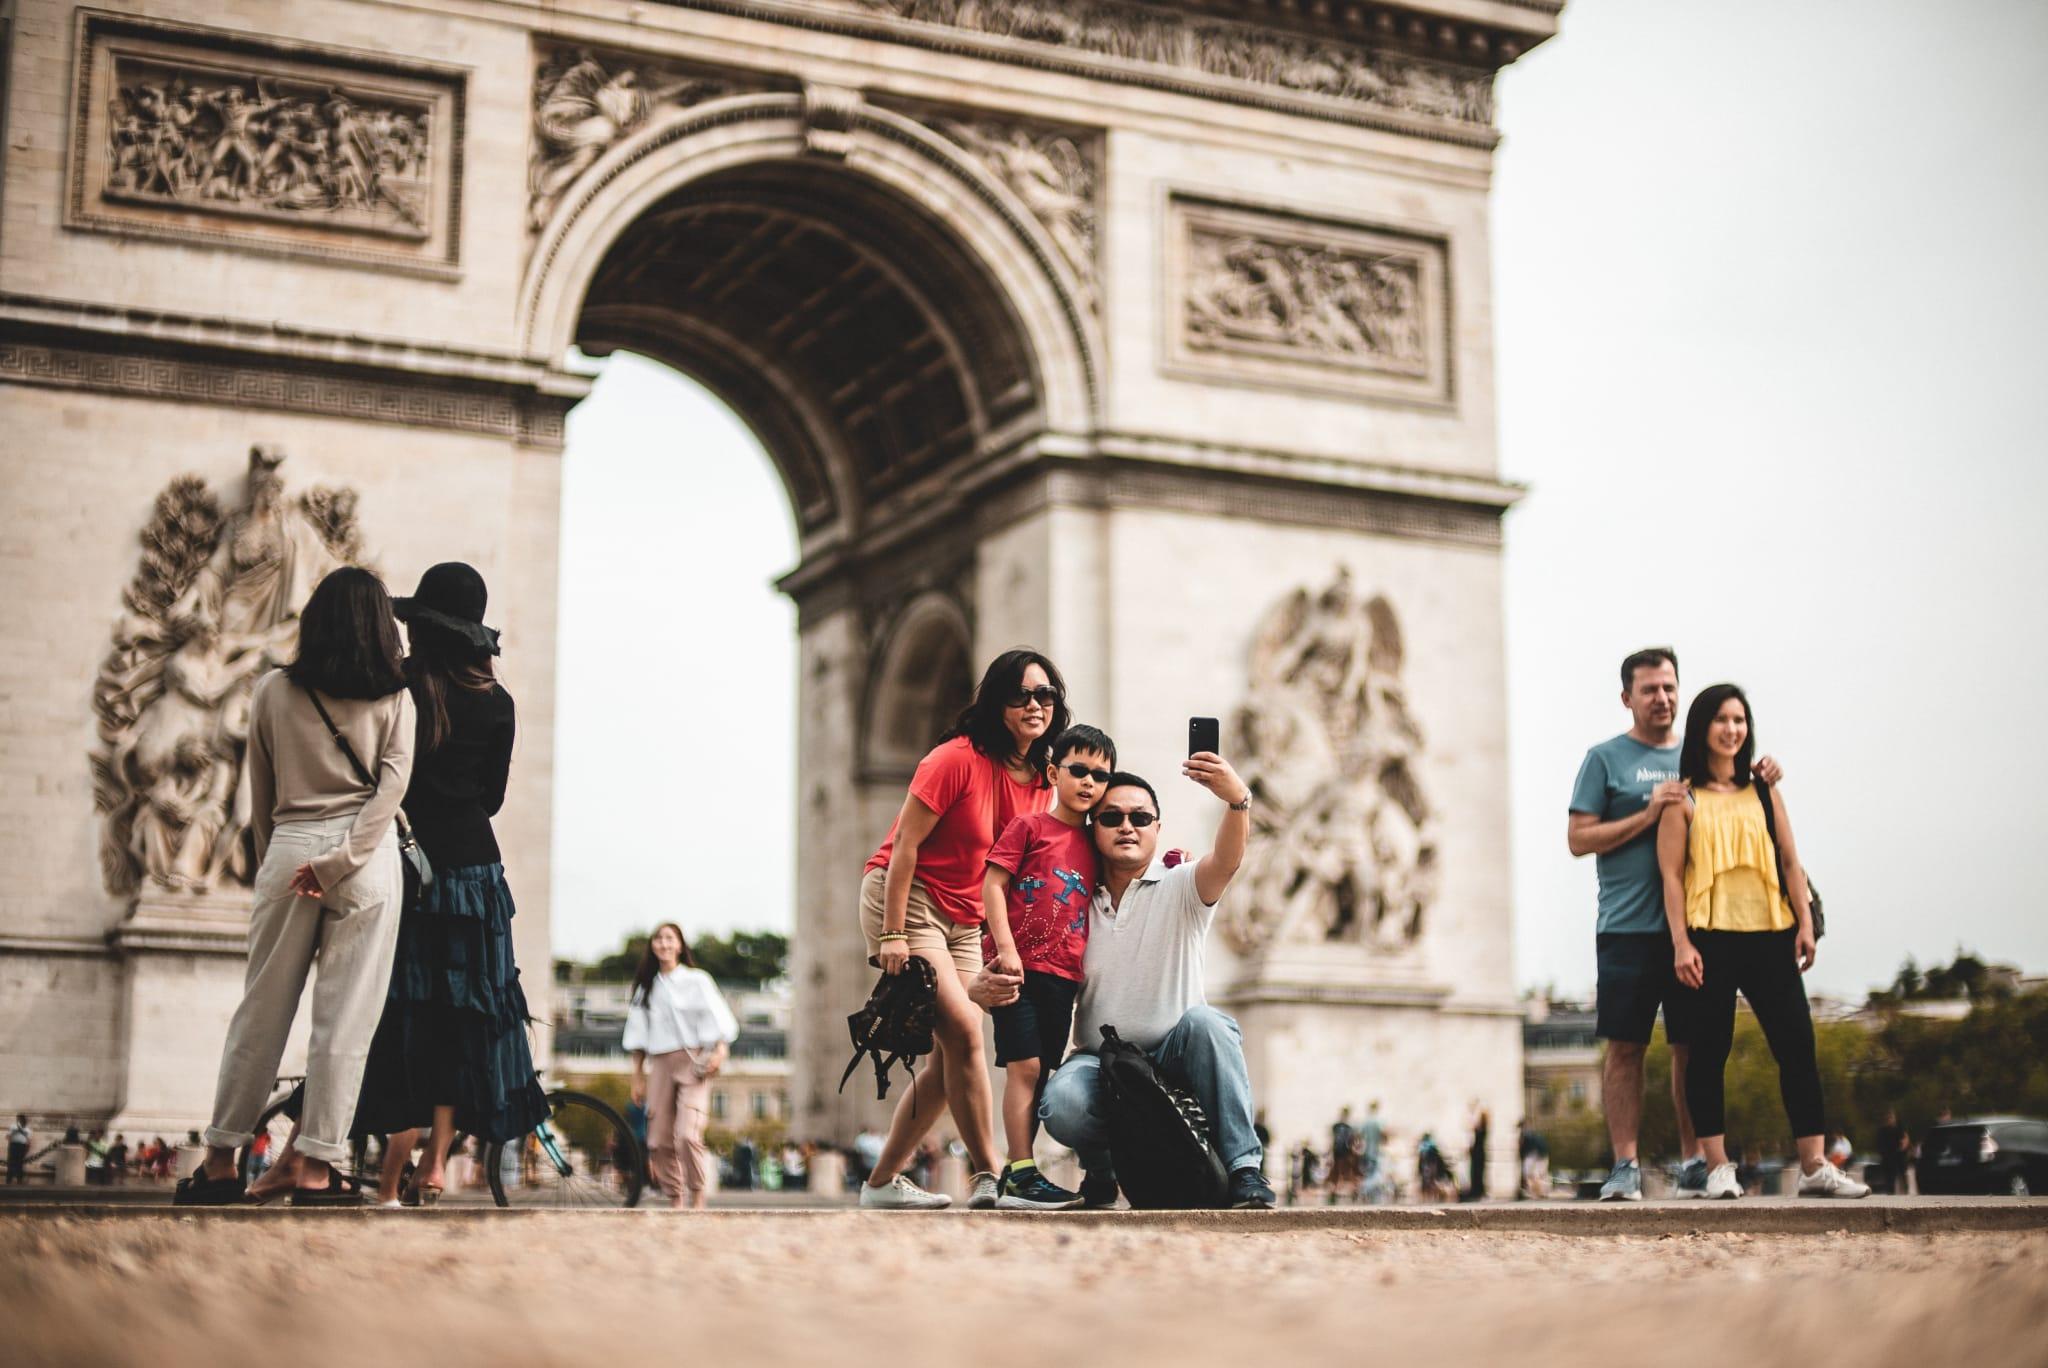 les 11 différents types de tourisme qui existent